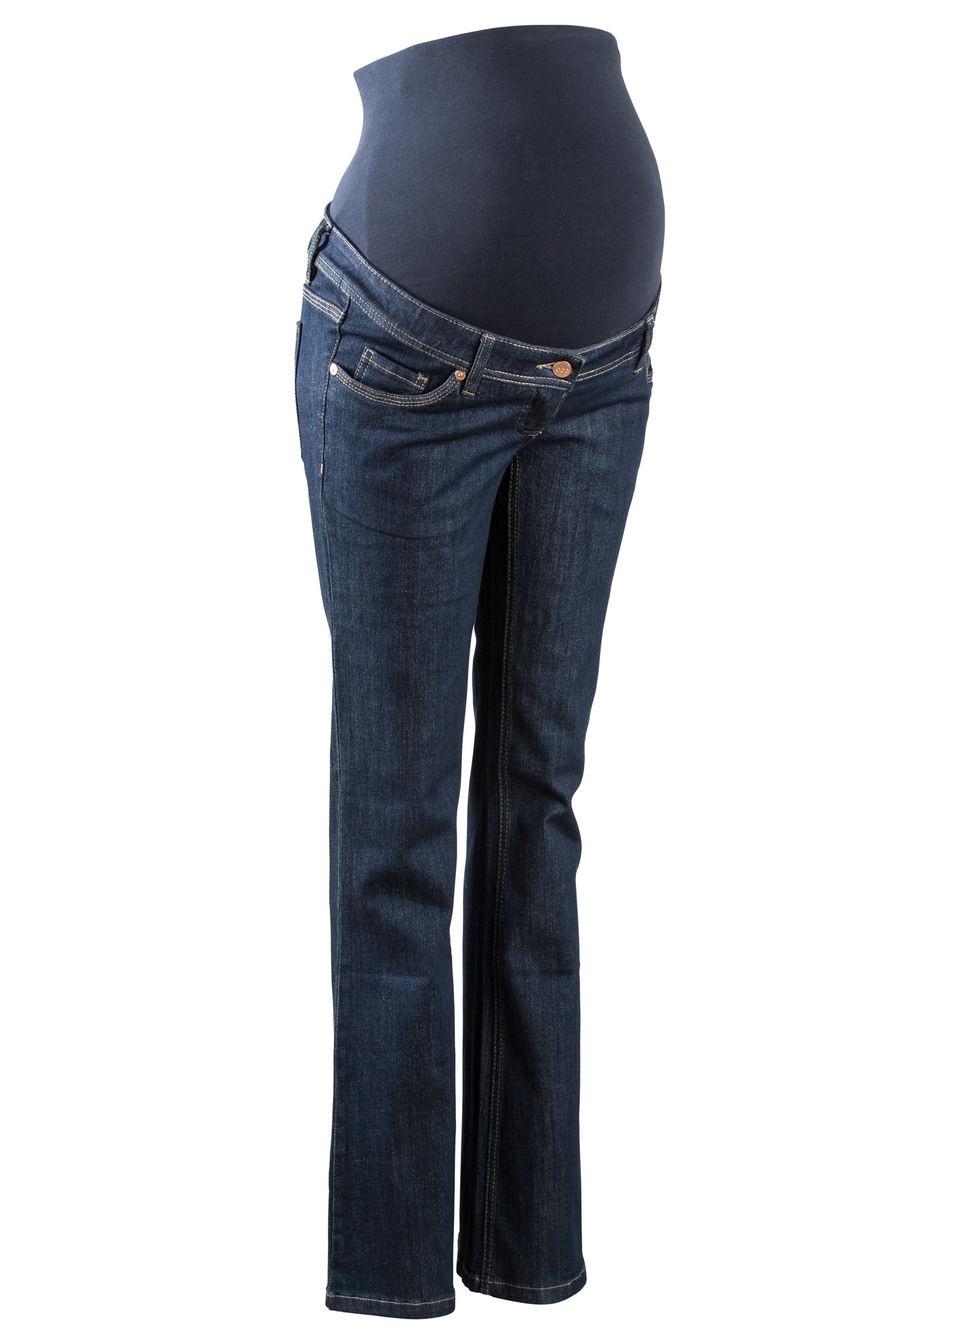 Купить Для будущих мам: джинсы с широкими брючинами, bonprix, темный деним